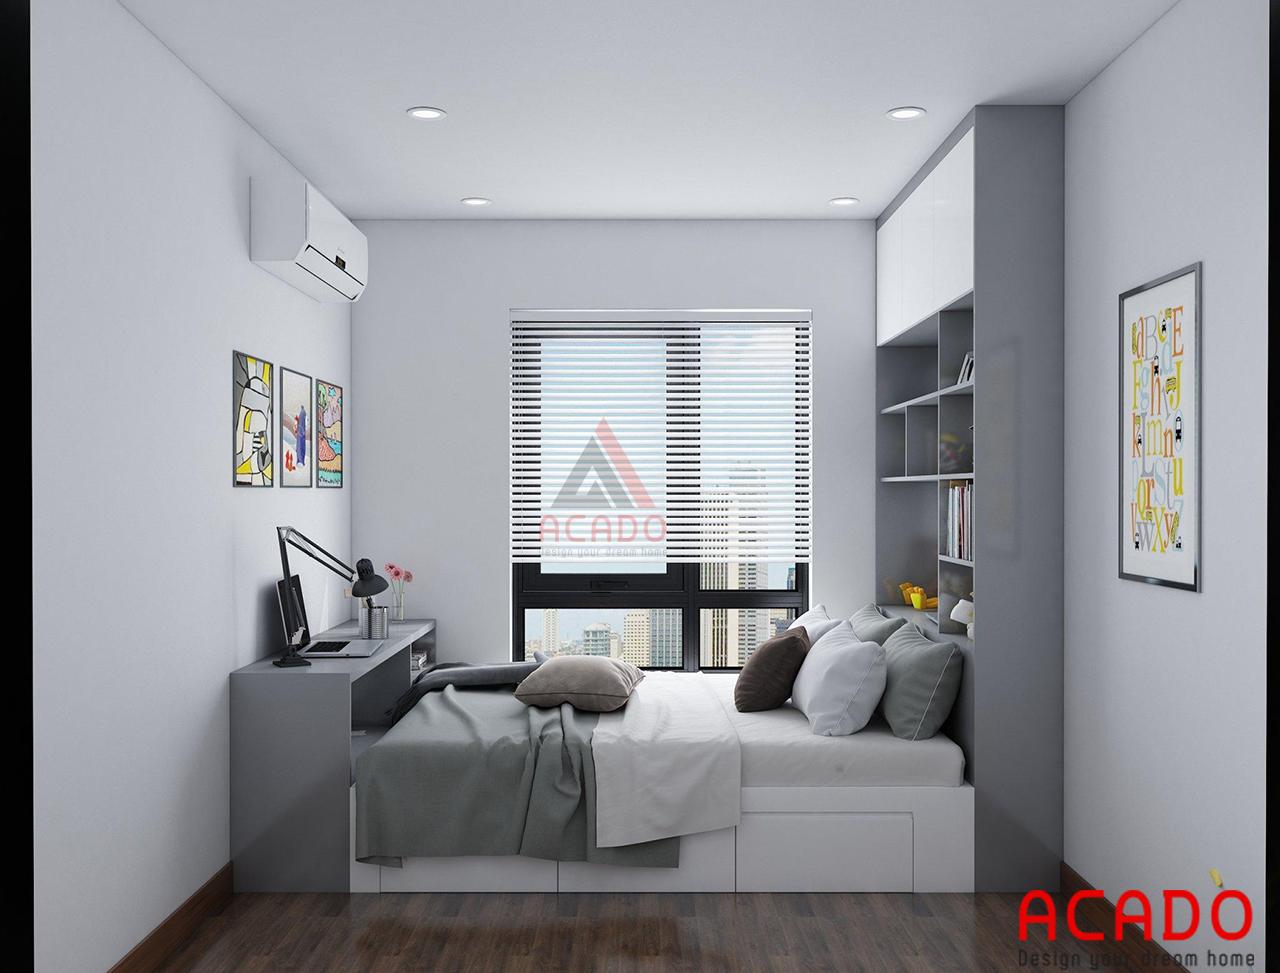 Thiết kế nội thất phòng ngủ 02 bao gồm bàn học, giường ngủ và tủ trang trí